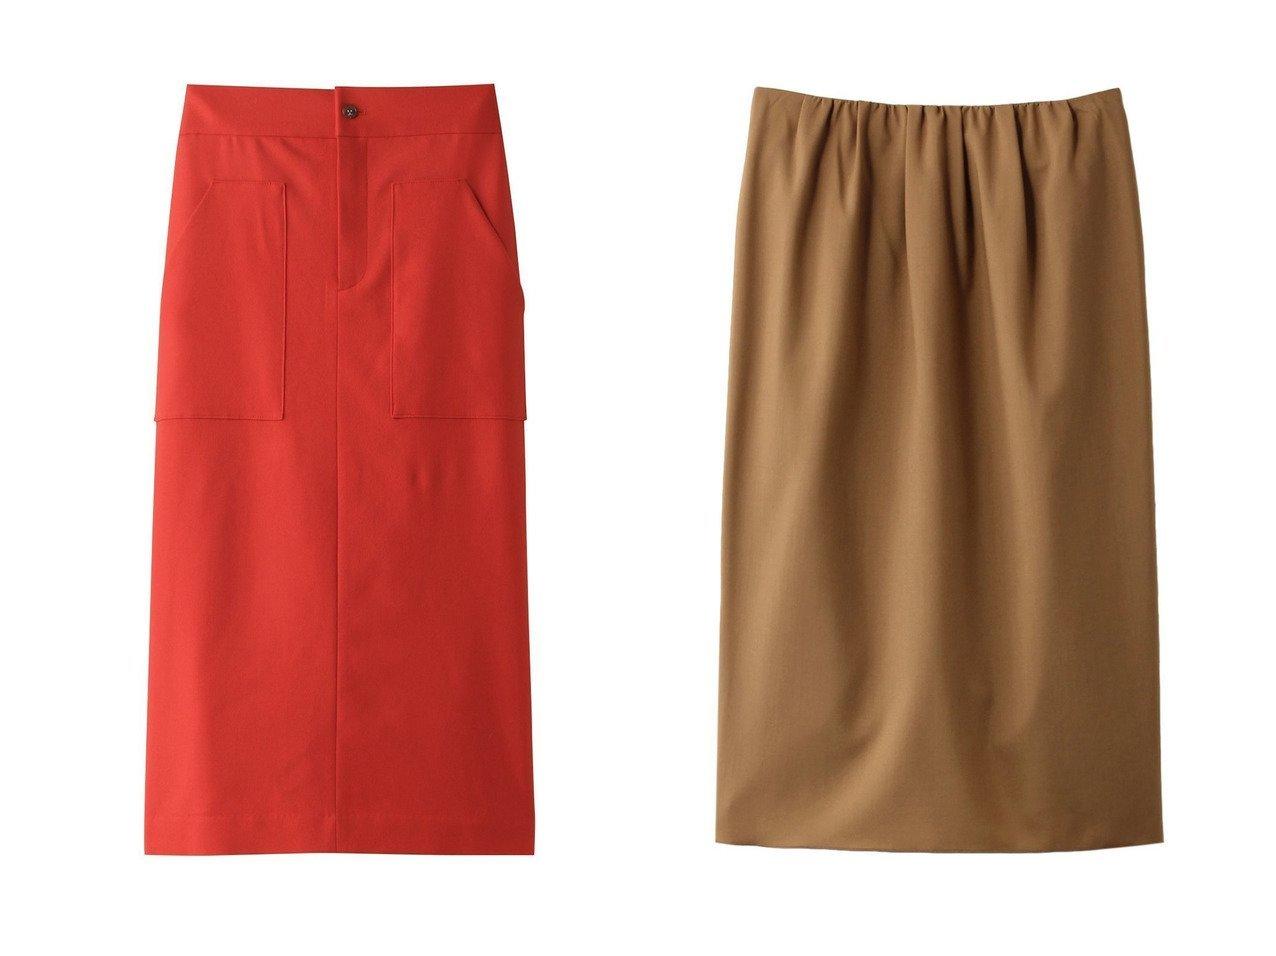 【Whim Gazette/ウィムガゼット】のフラノストレートスカート&【PLAIN PEOPLE/プレインピープル】のウールトロピカルタイトスカート スカートのおすすめ!人気、トレンド・レディースファッションの通販  おすすめで人気の流行・トレンド、ファッションの通販商品 メンズファッション・キッズファッション・インテリア・家具・レディースファッション・服の通販 founy(ファニー) https://founy.com/ ファッション Fashion レディースファッション WOMEN スカート Skirt シンプル タイトスカート ポケット A/W 秋冬 AW Autumn/Winter / FW Fall-Winter なめらか コンパクト ベーシック |ID:crp329100000009771